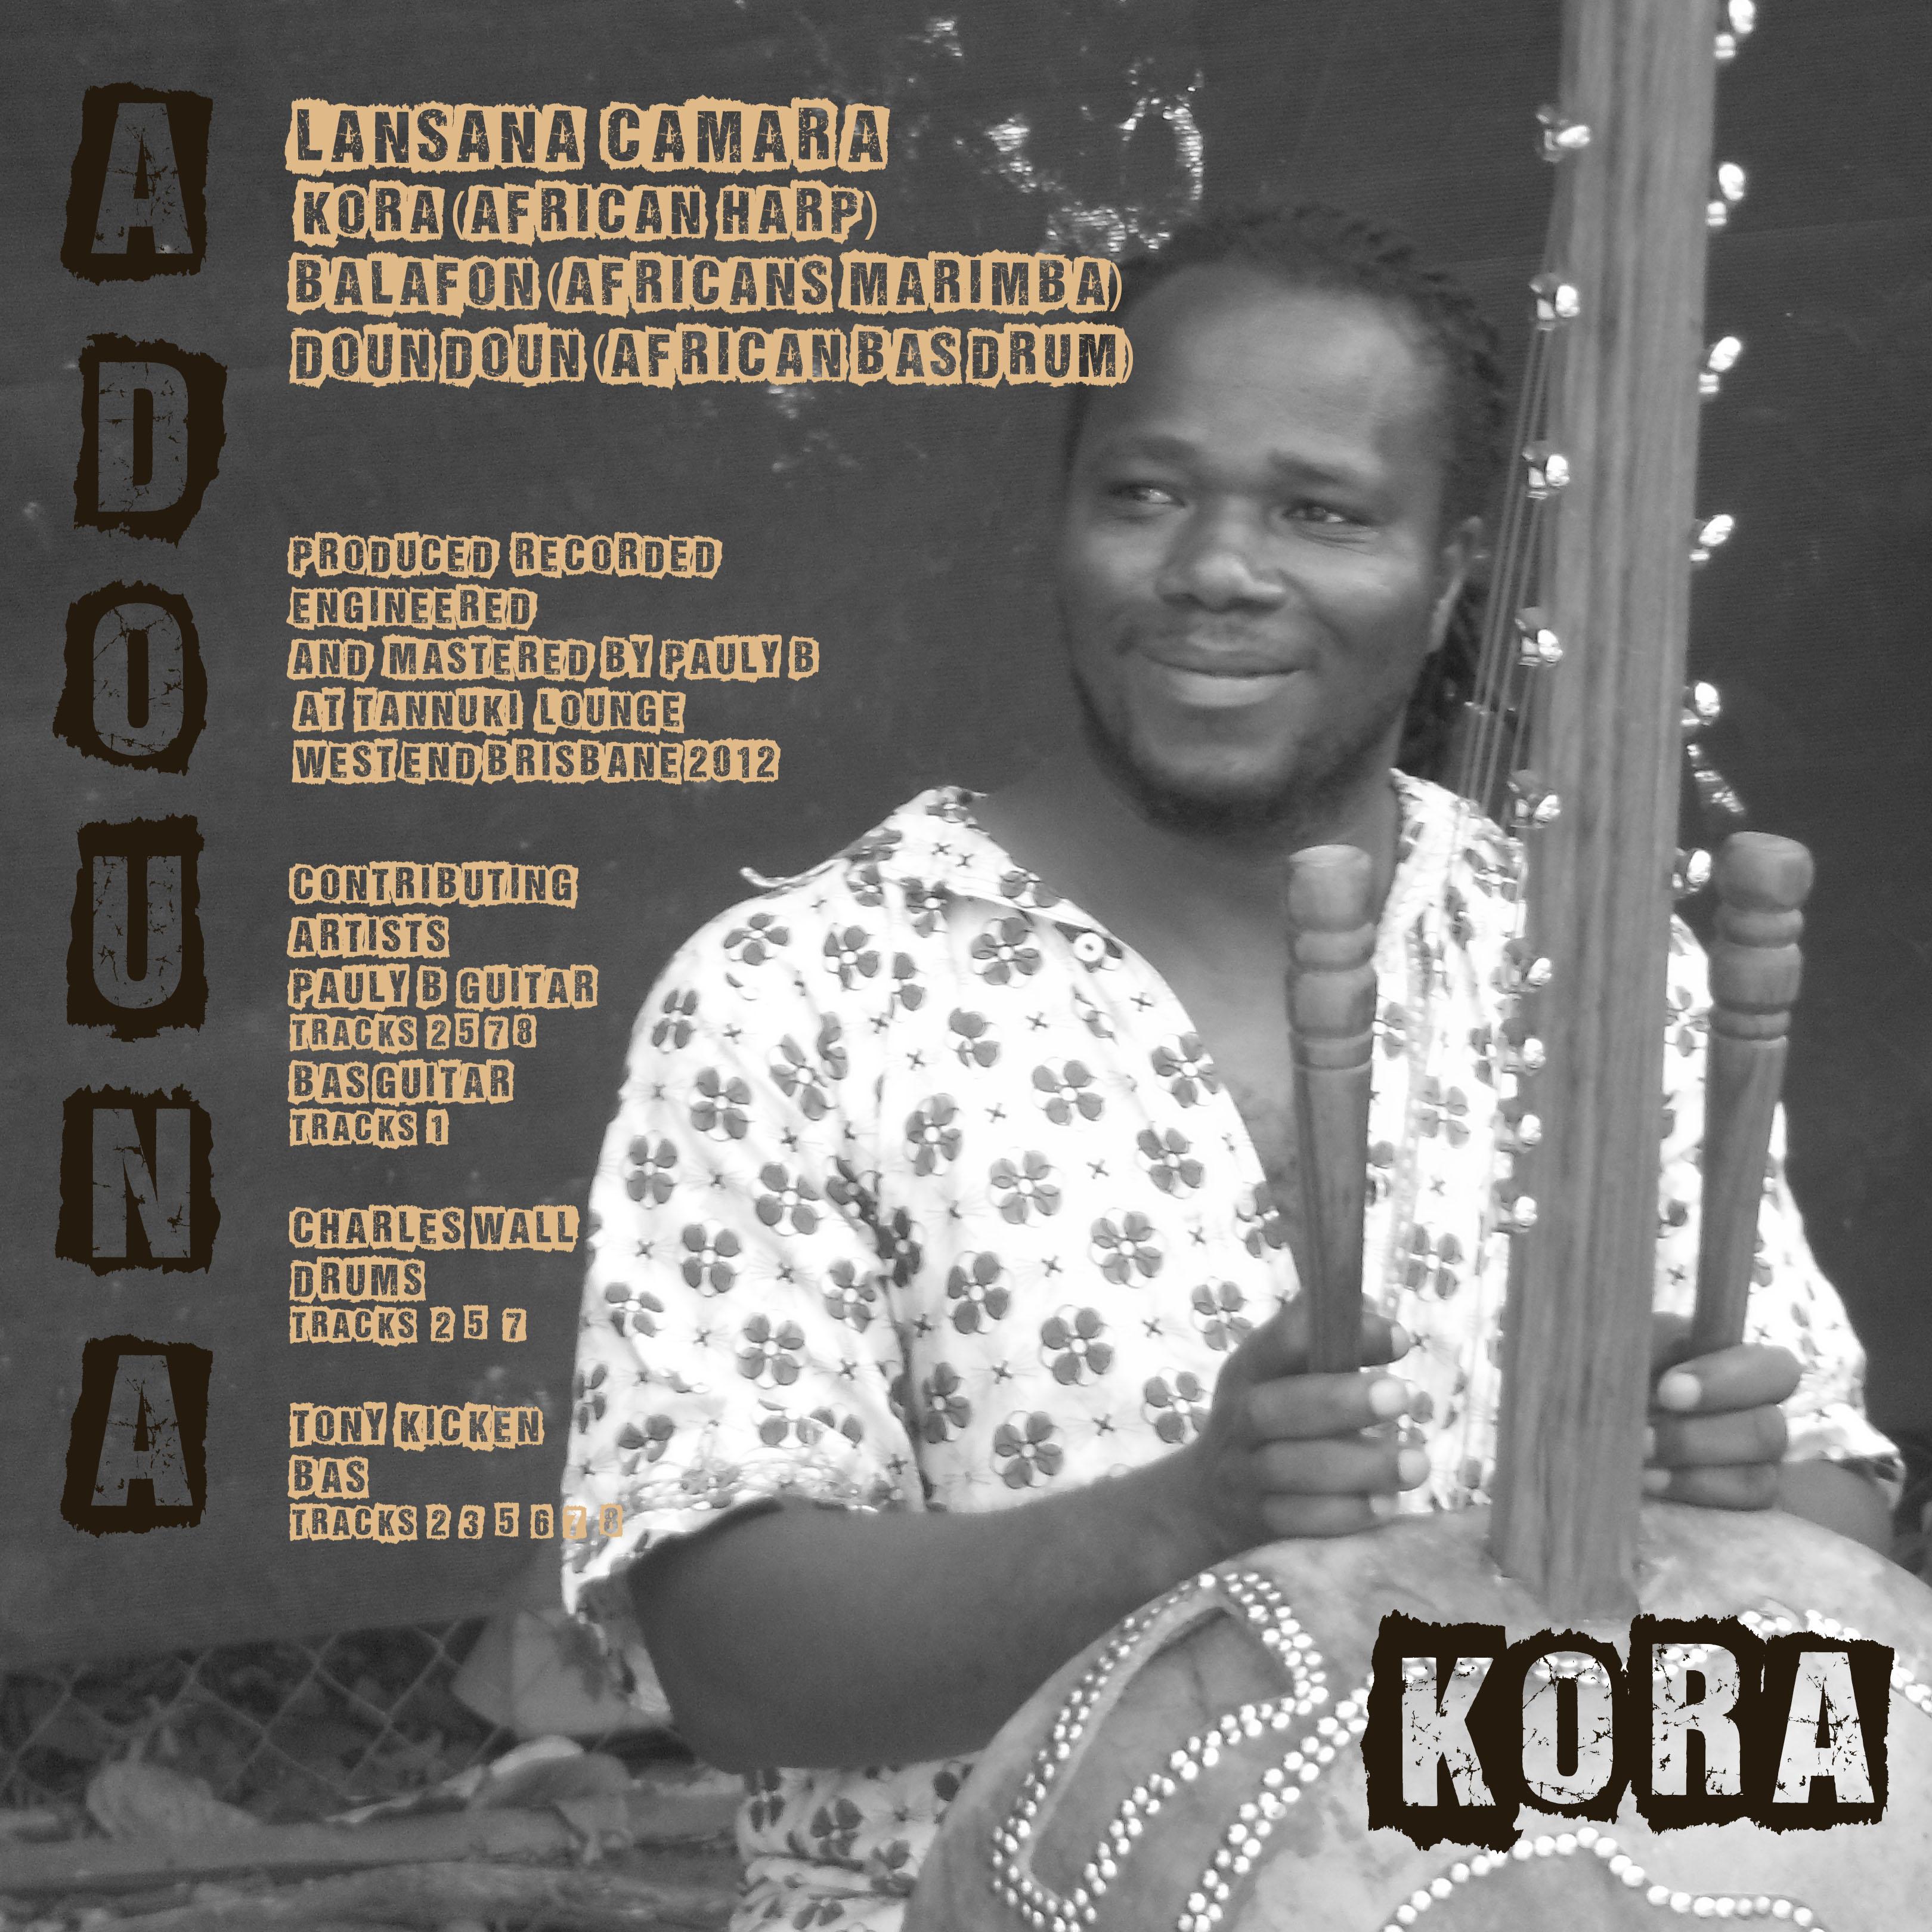 Adouna CD Lansana Camara